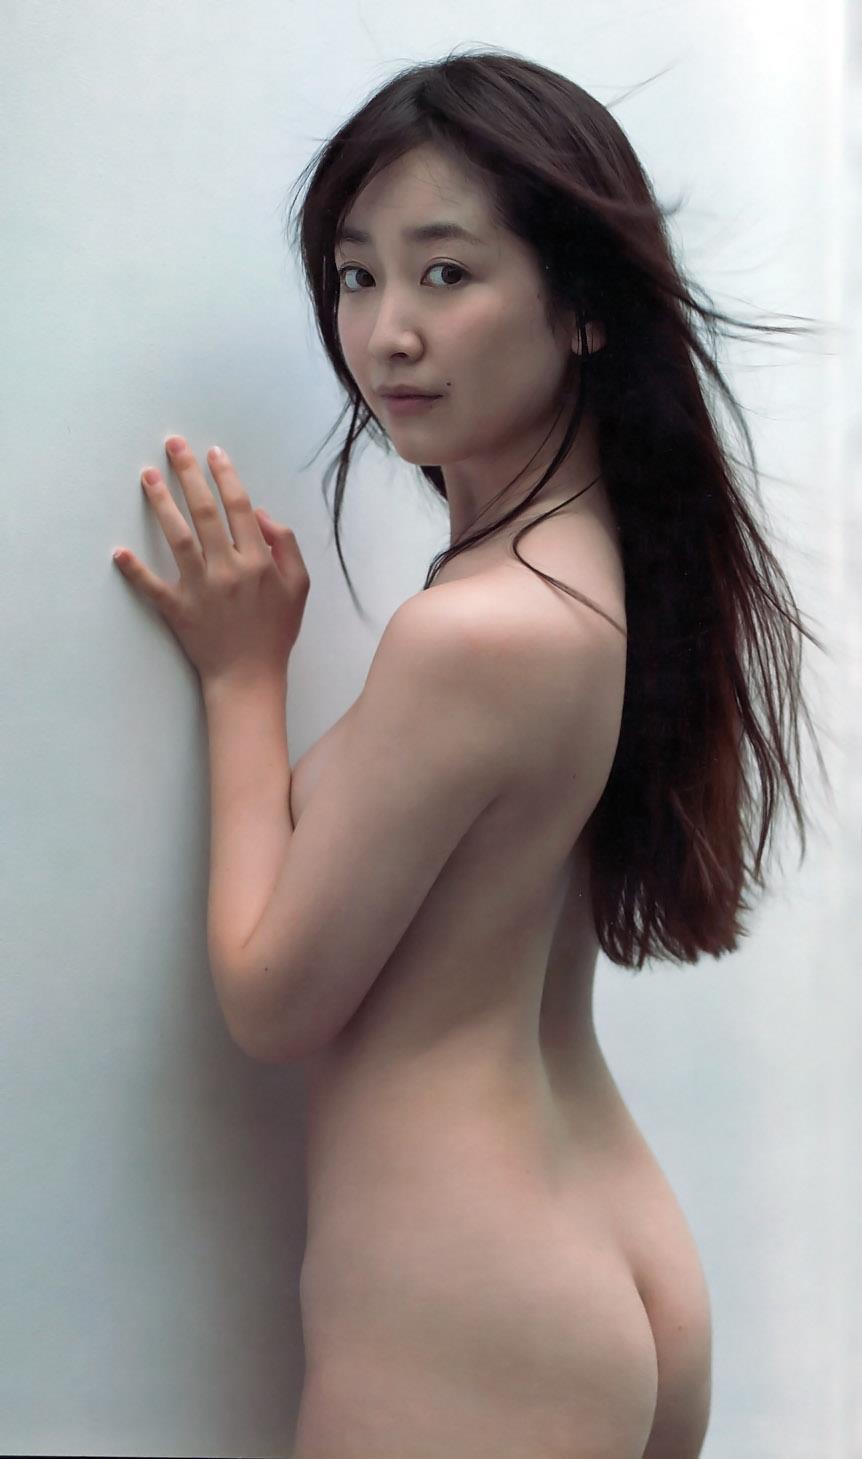 アイドルの生の美尻が眩しいくらいにエロ綺麗 (2)